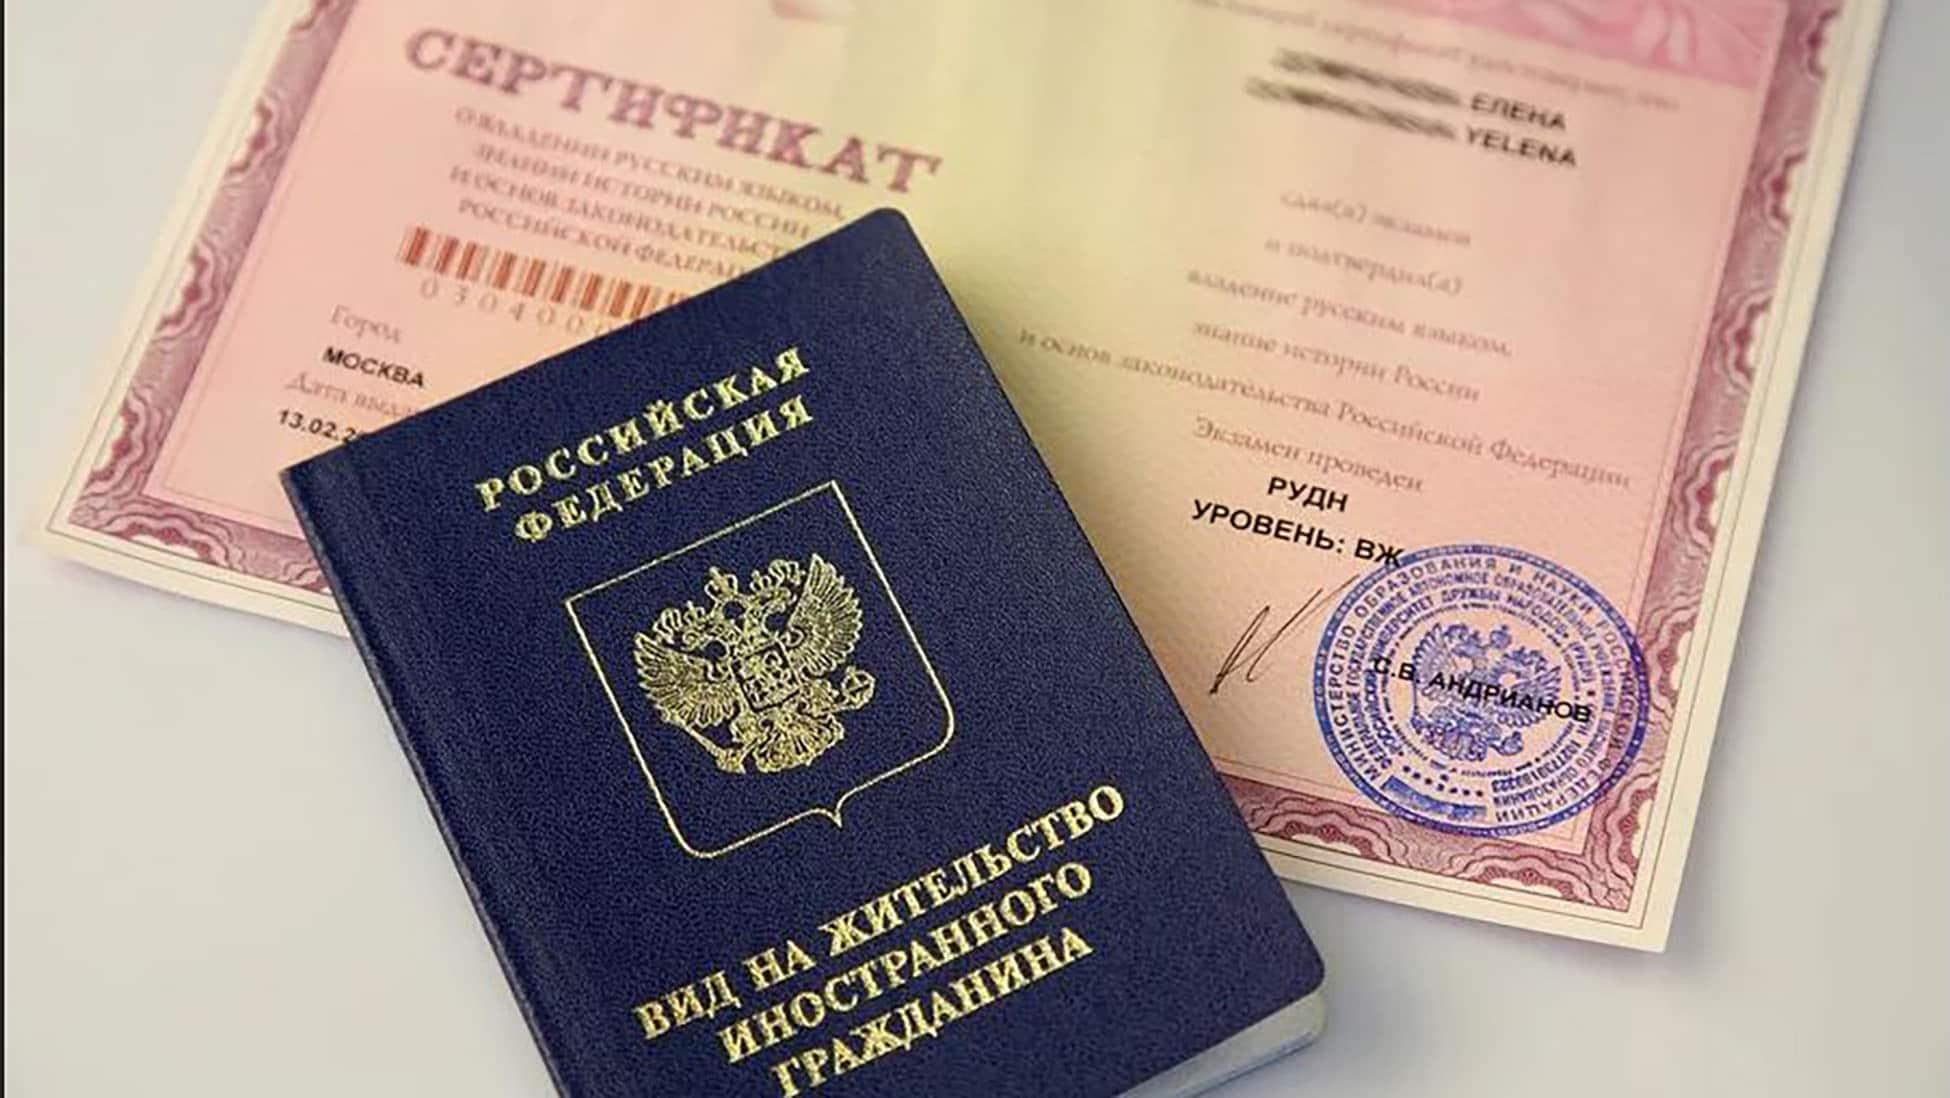 Икамет: вид на жительство (внж) для россиян в турции в 2021 году | блог о путешествии с котом по миру. удаленная работа